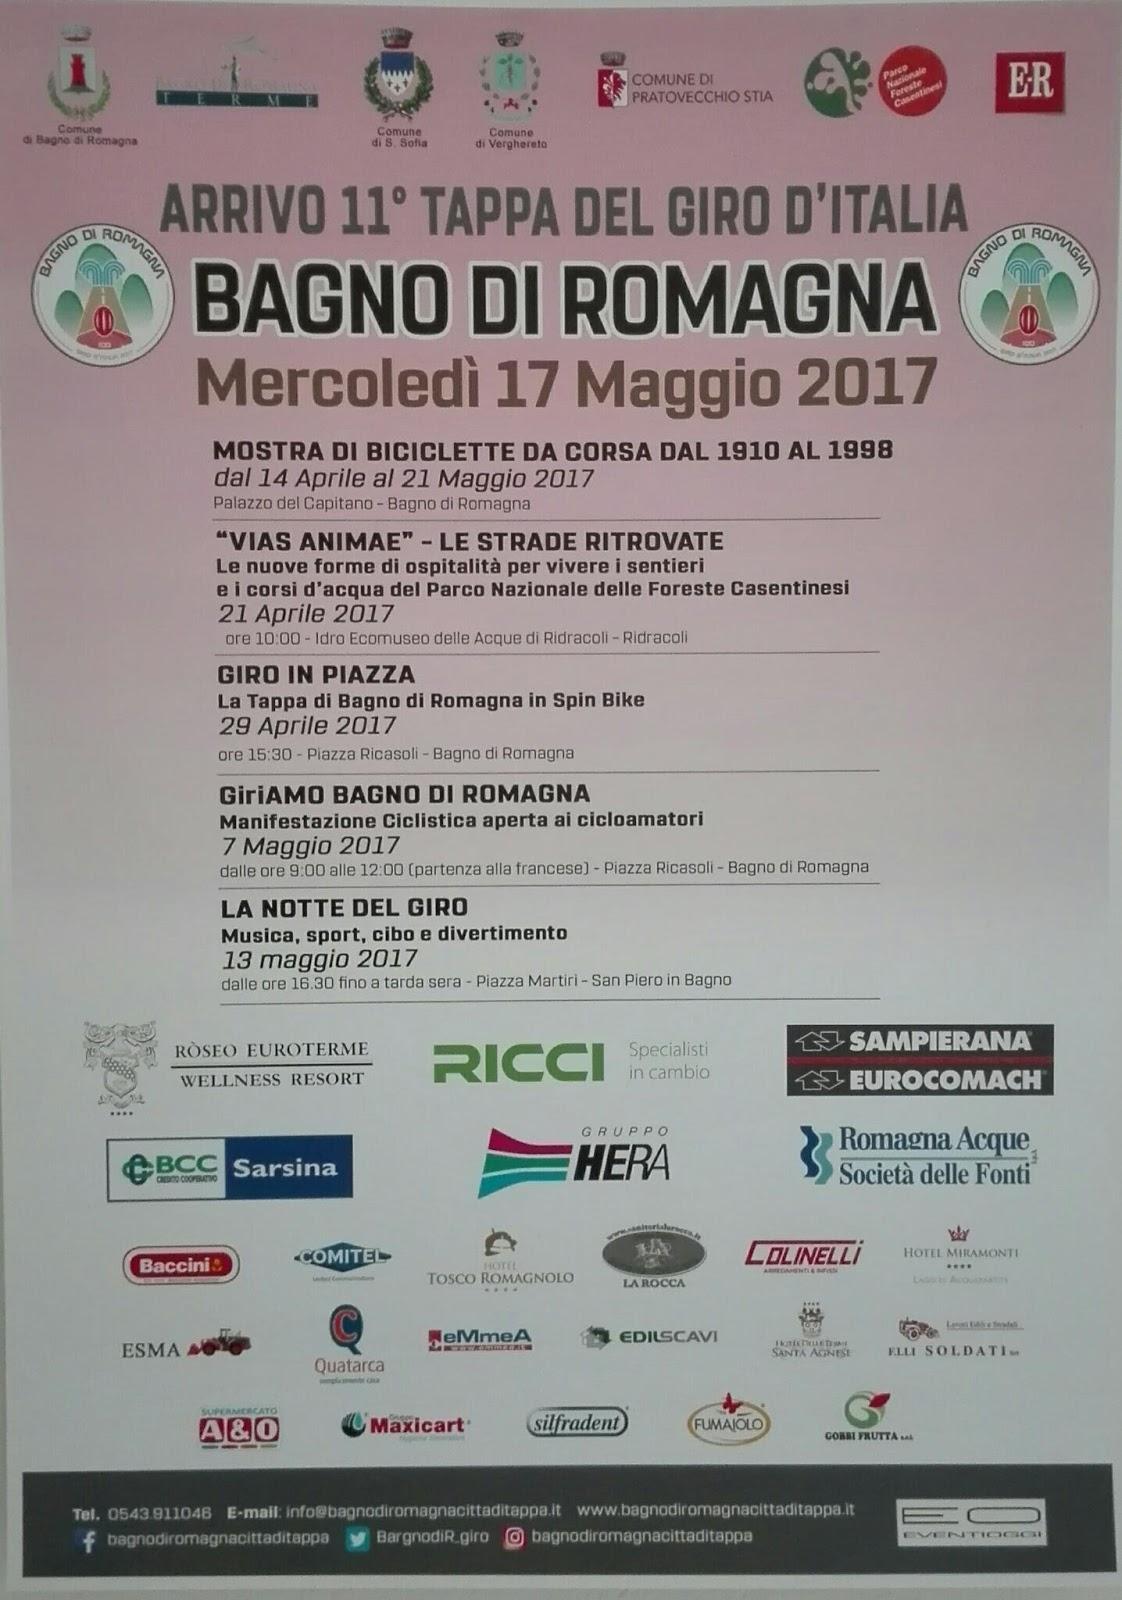 Linea gotica bagno di romagna gli eventi del giro - Eventi bagno di romagna ...